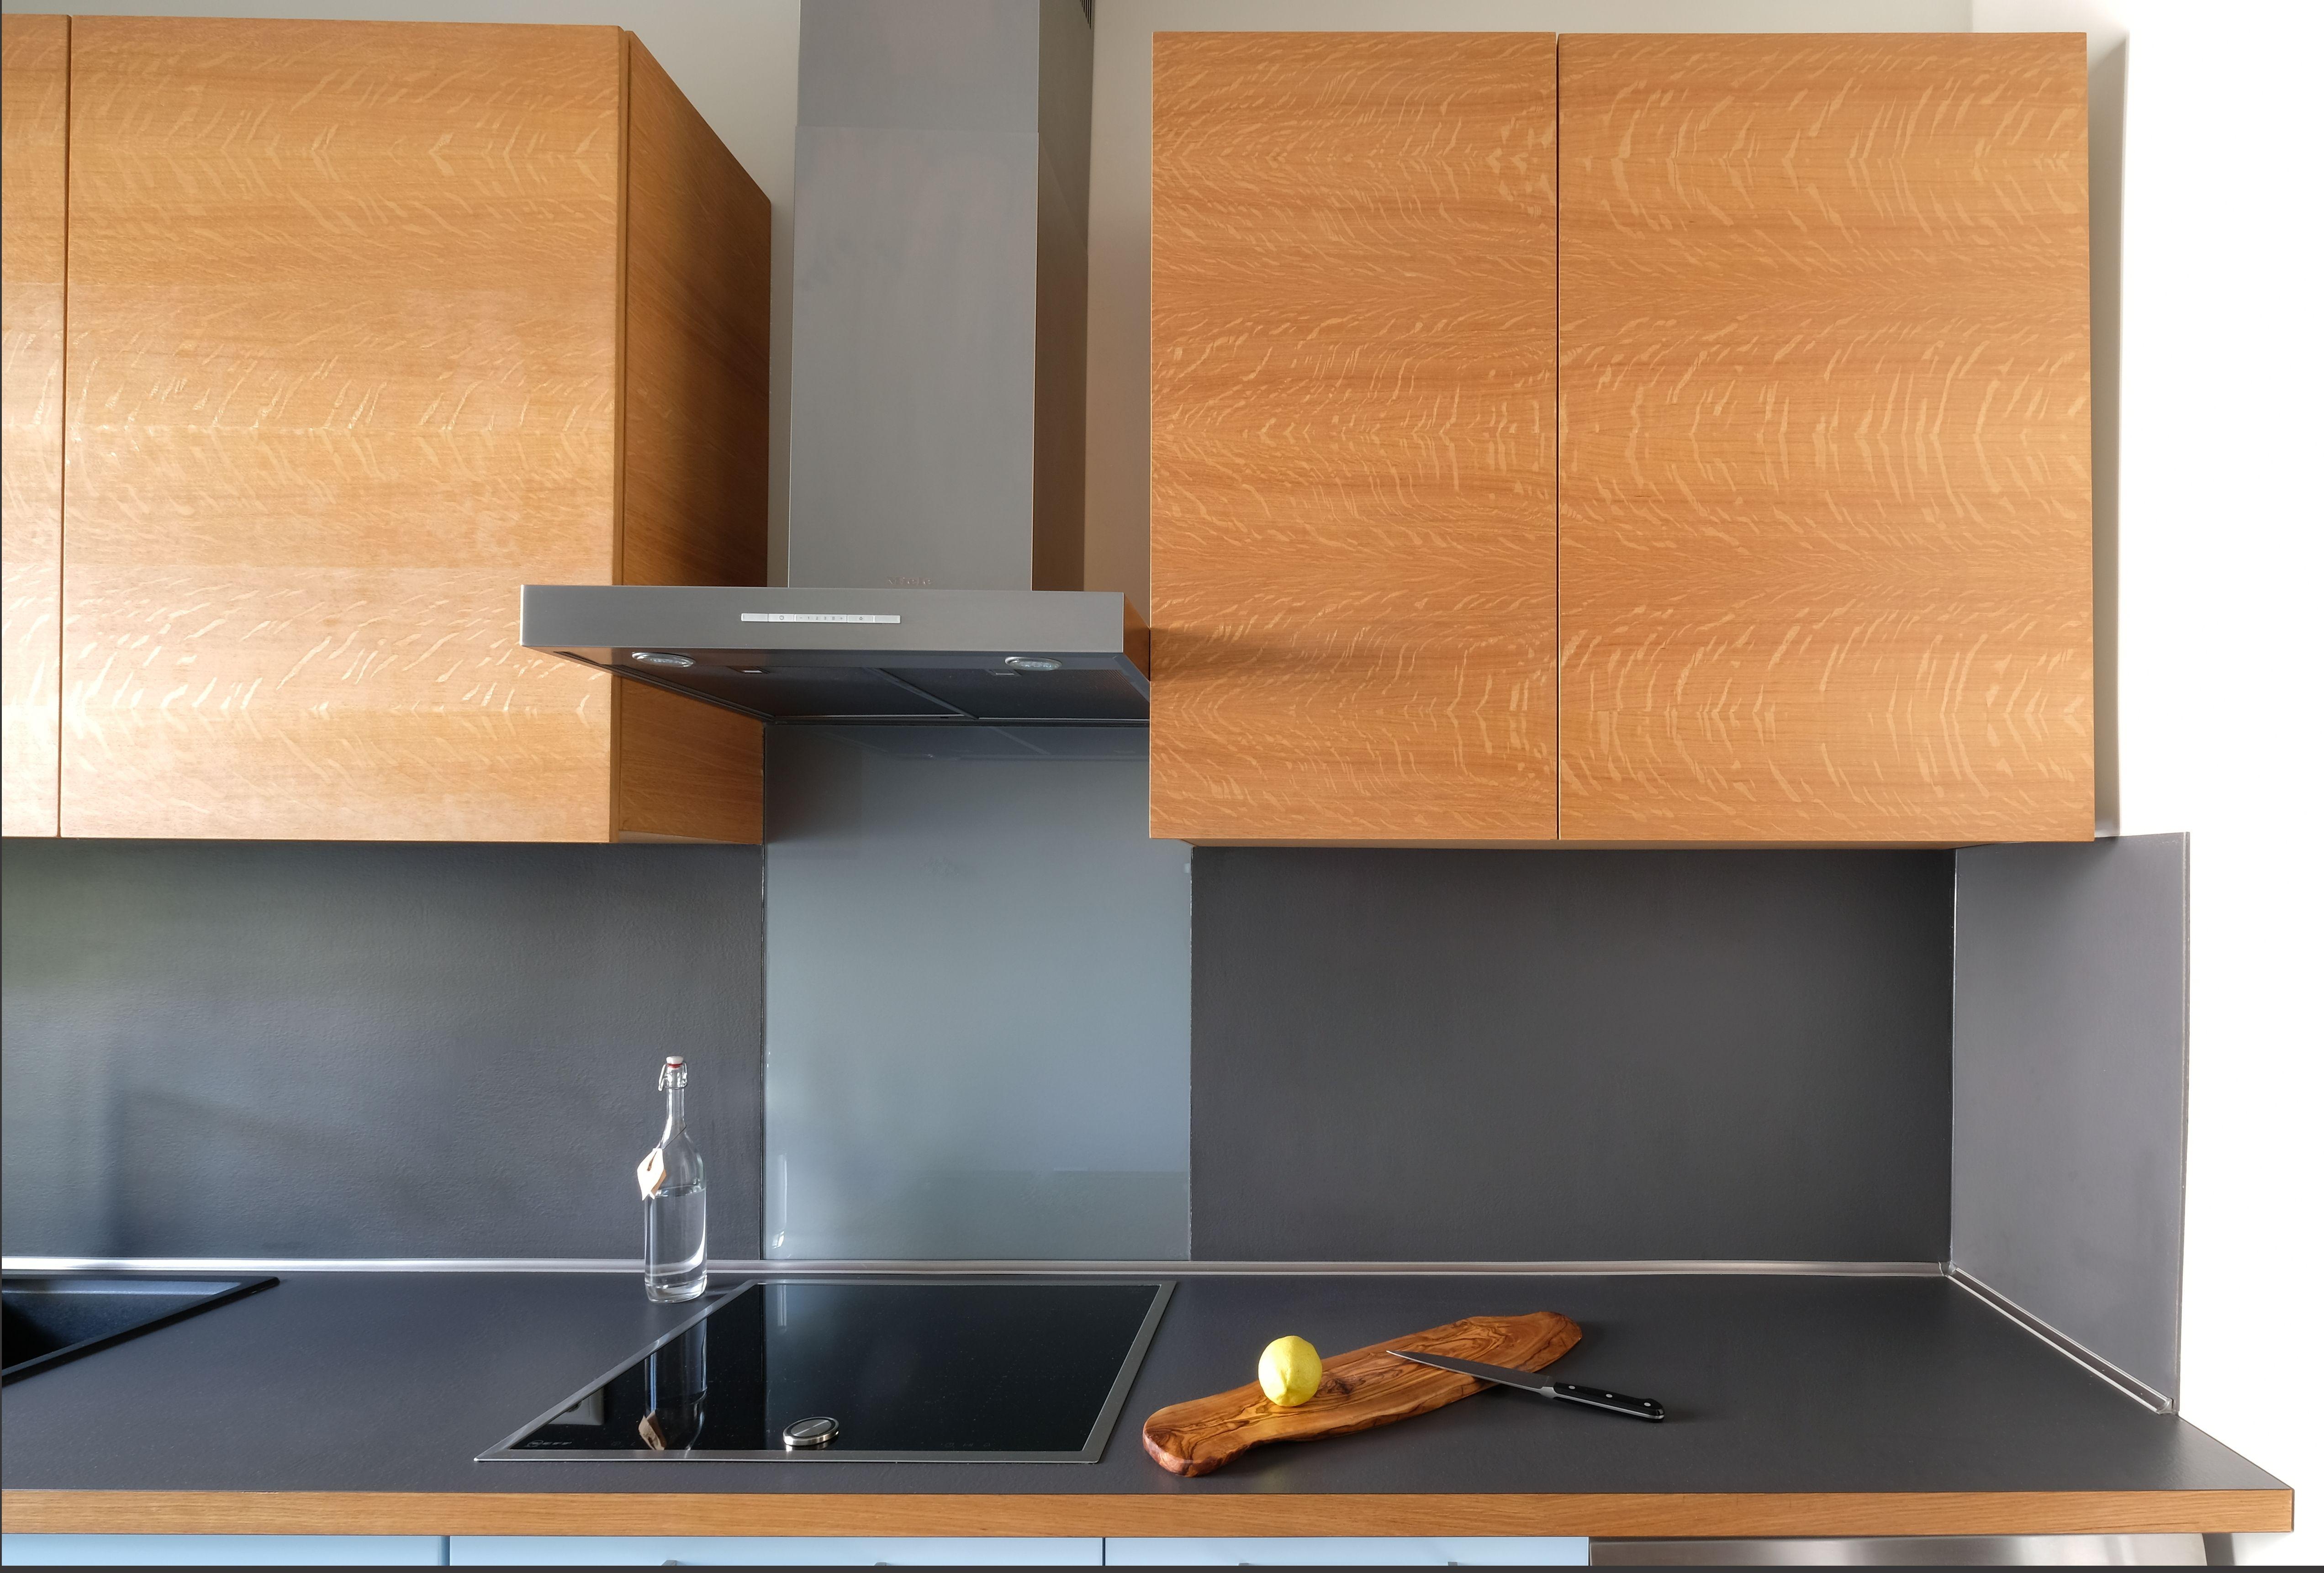 Arbeitsplatte und Rückwand in Abet-Laminati-Schichtstoff | Küche in ...